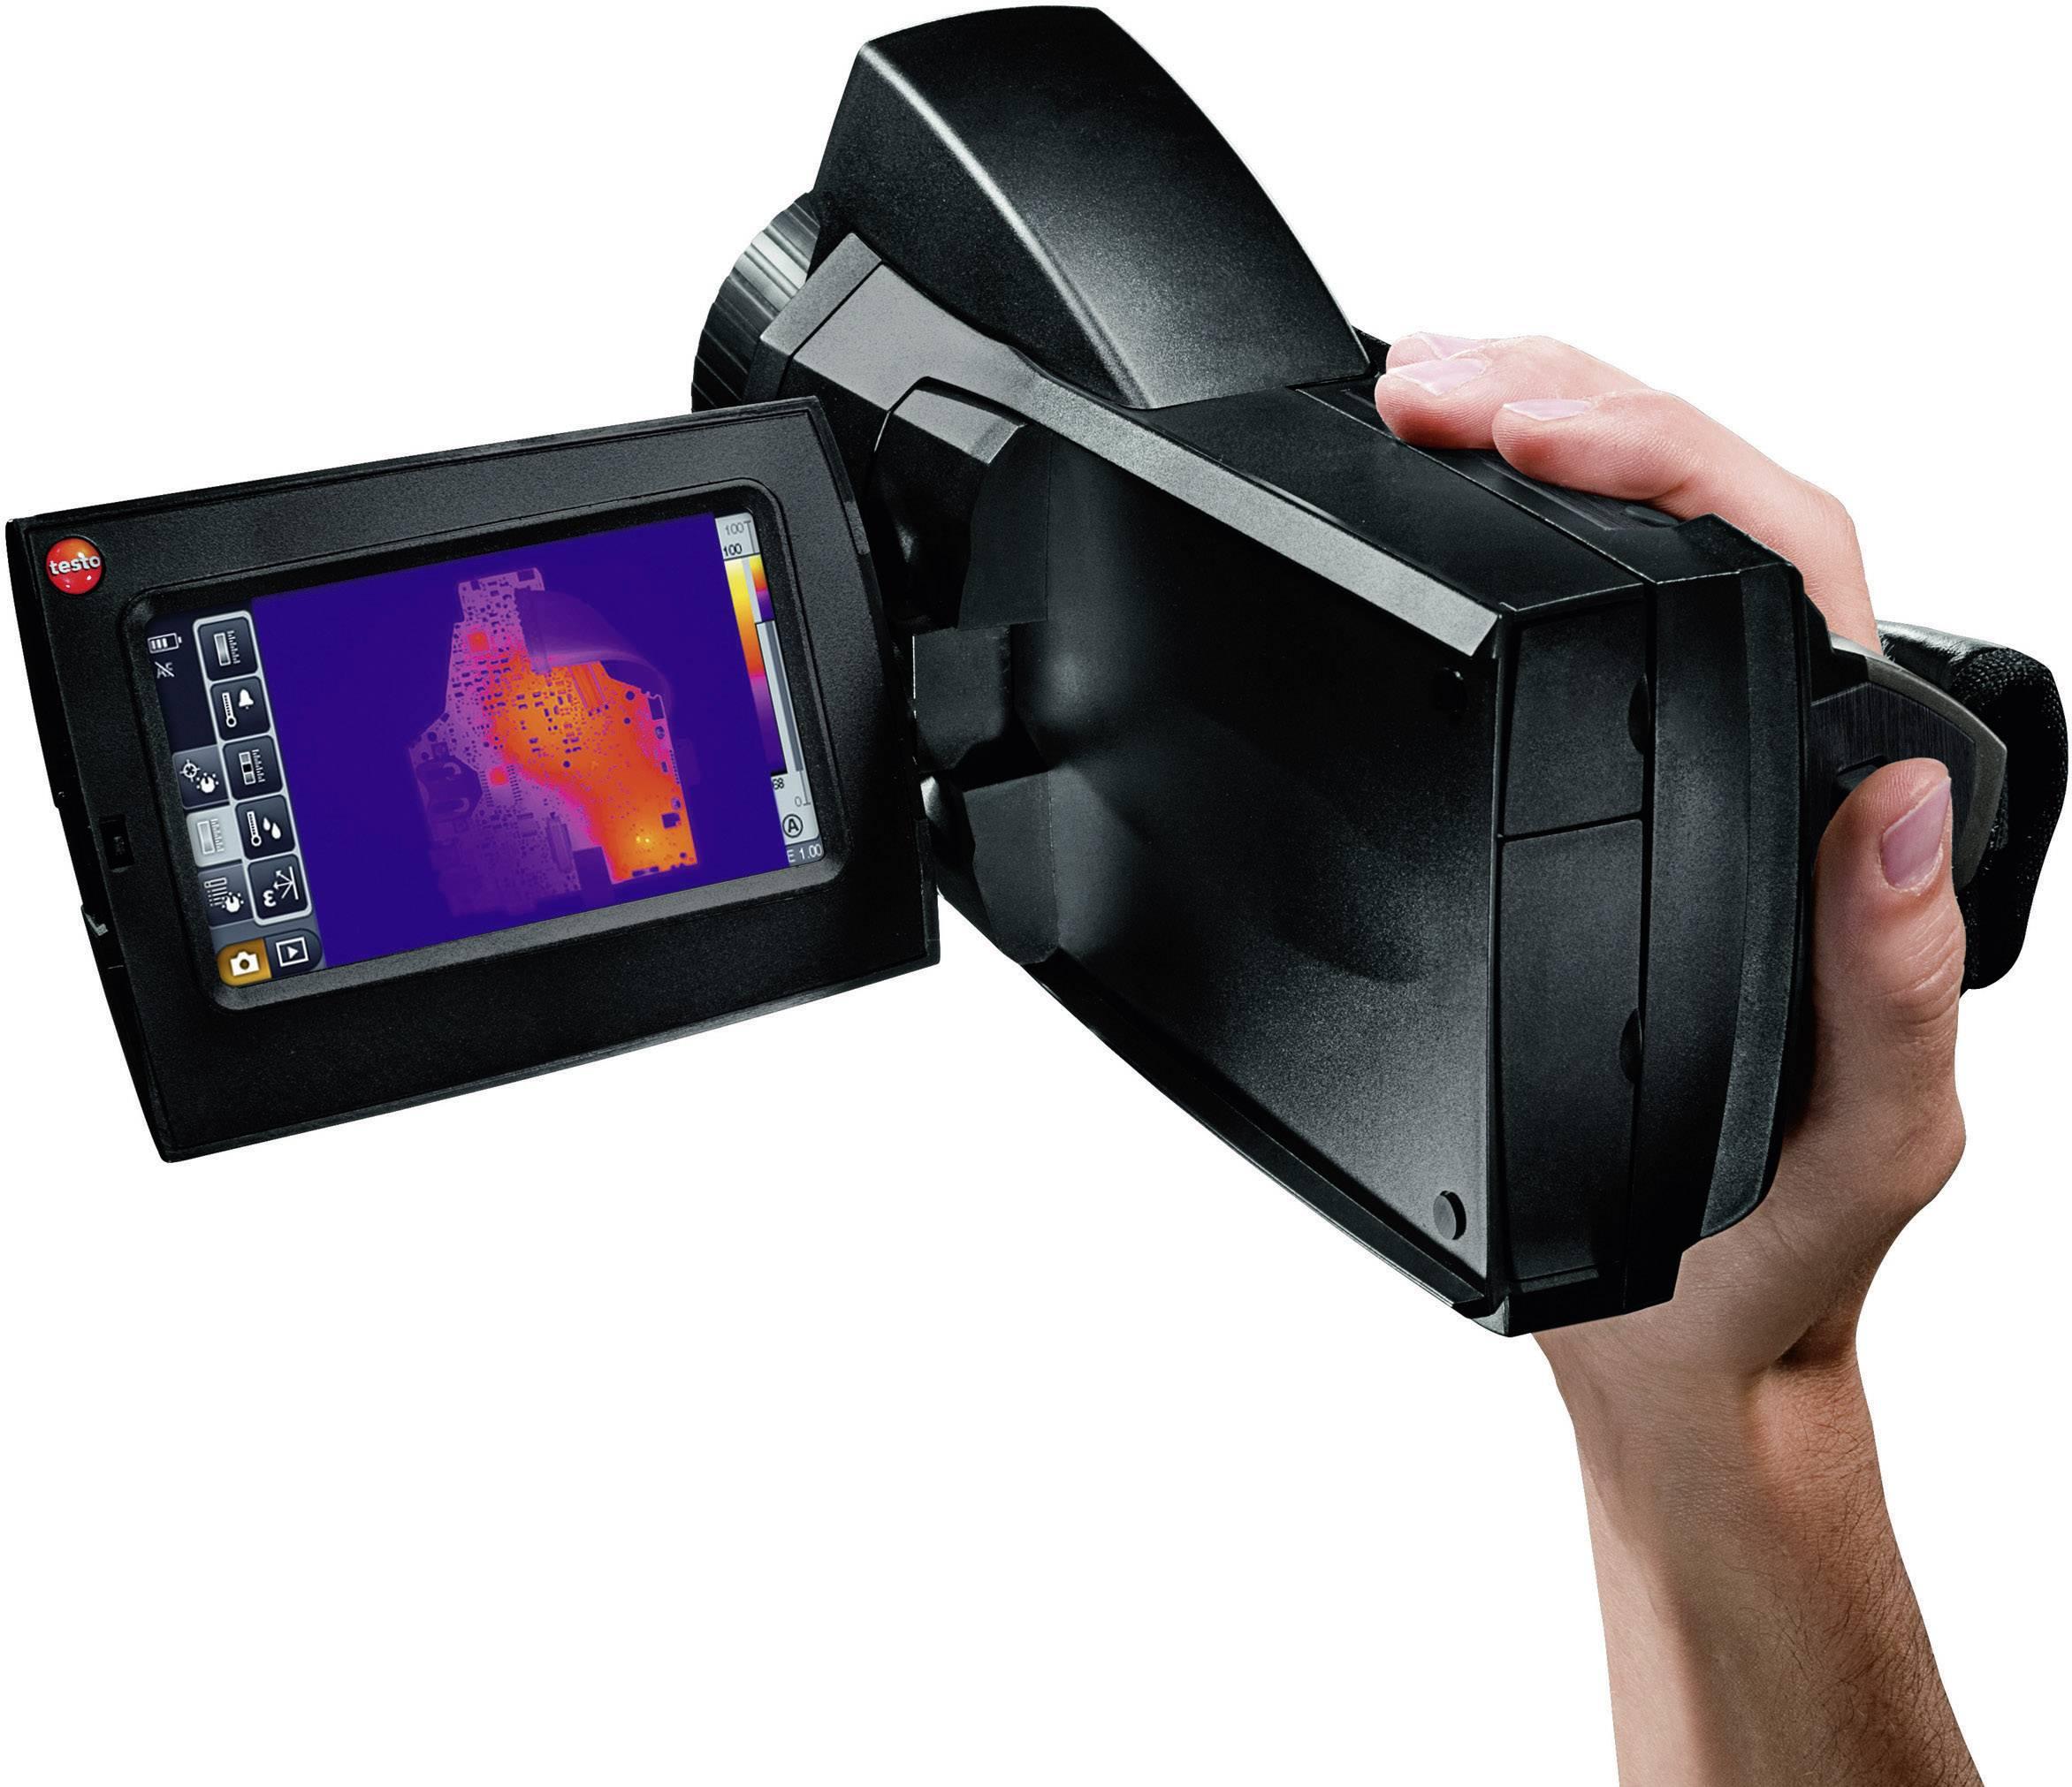 Termokamera testo 890-1 0563 0890 V1, 640 x 320 pix